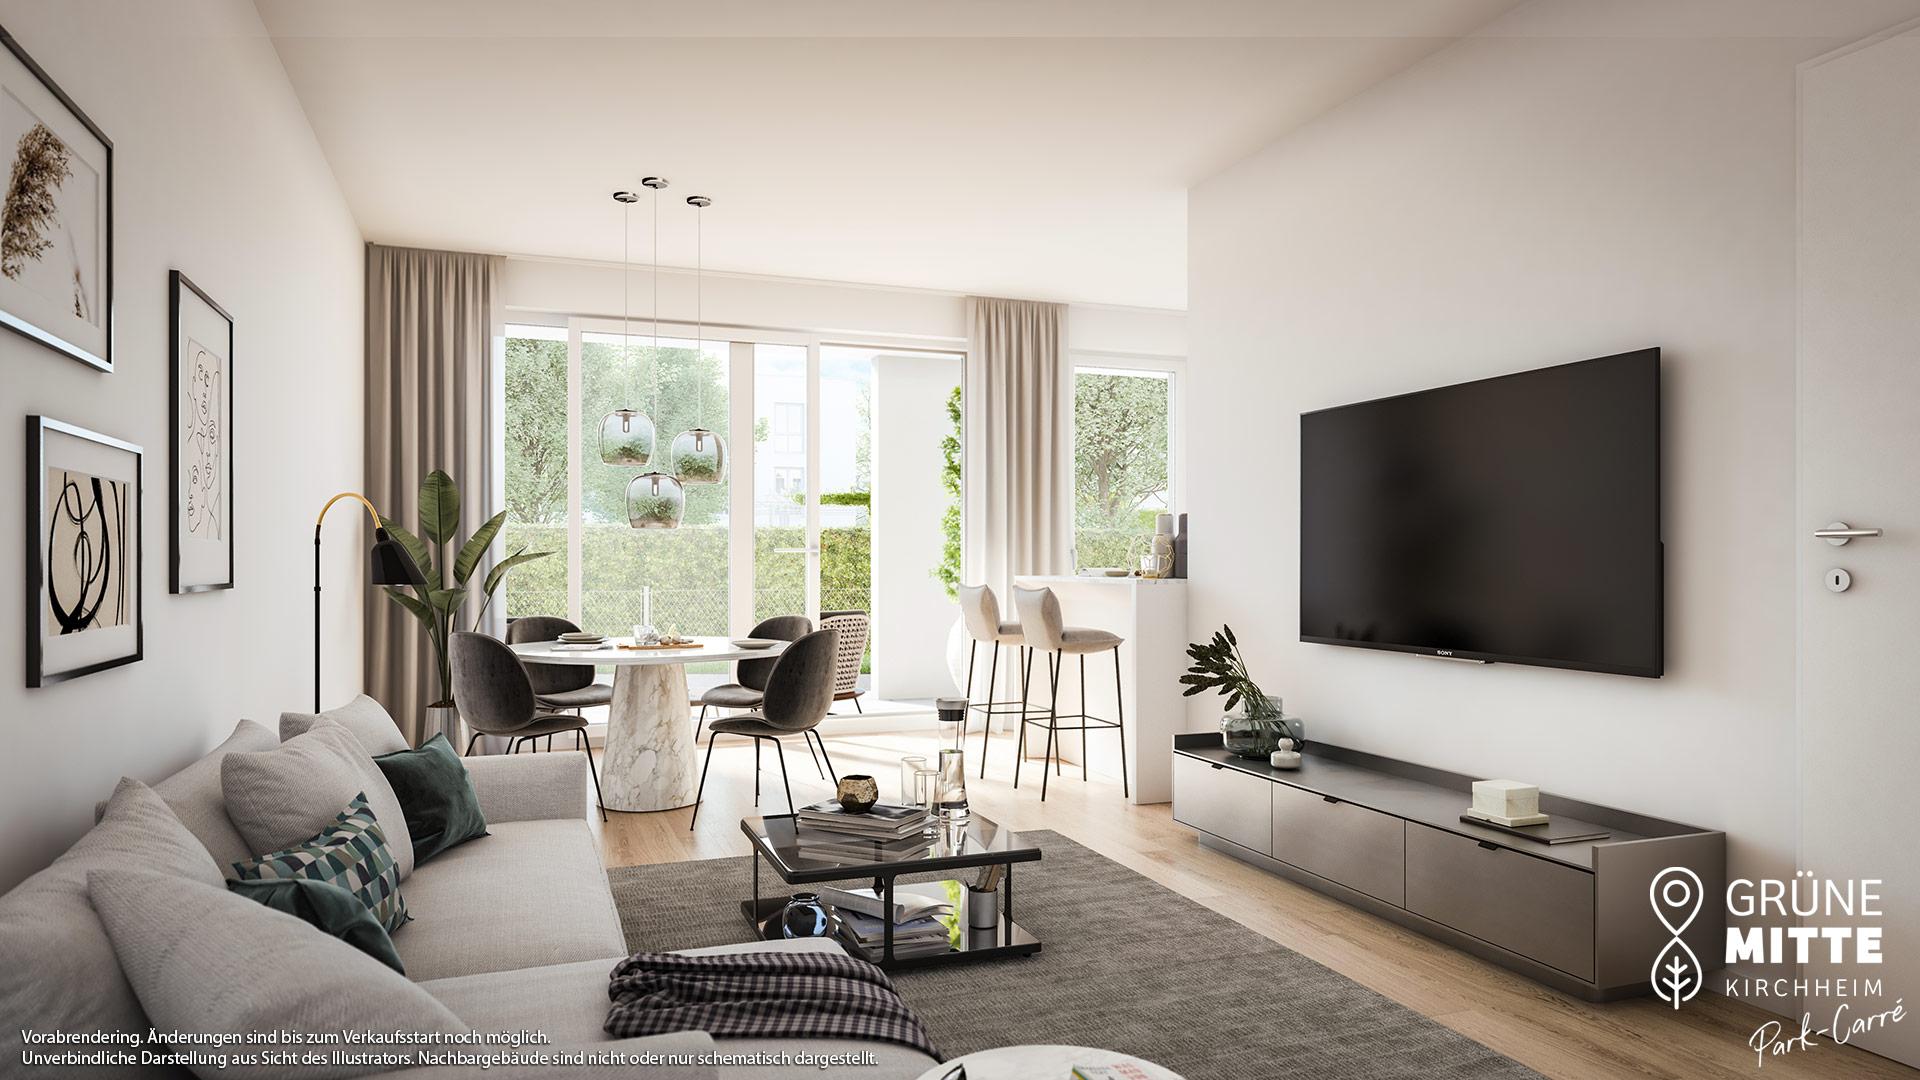 Immobilie Grüne Mitte Kirchheim - Park-Carré - Vorankündigung - Illustration 3